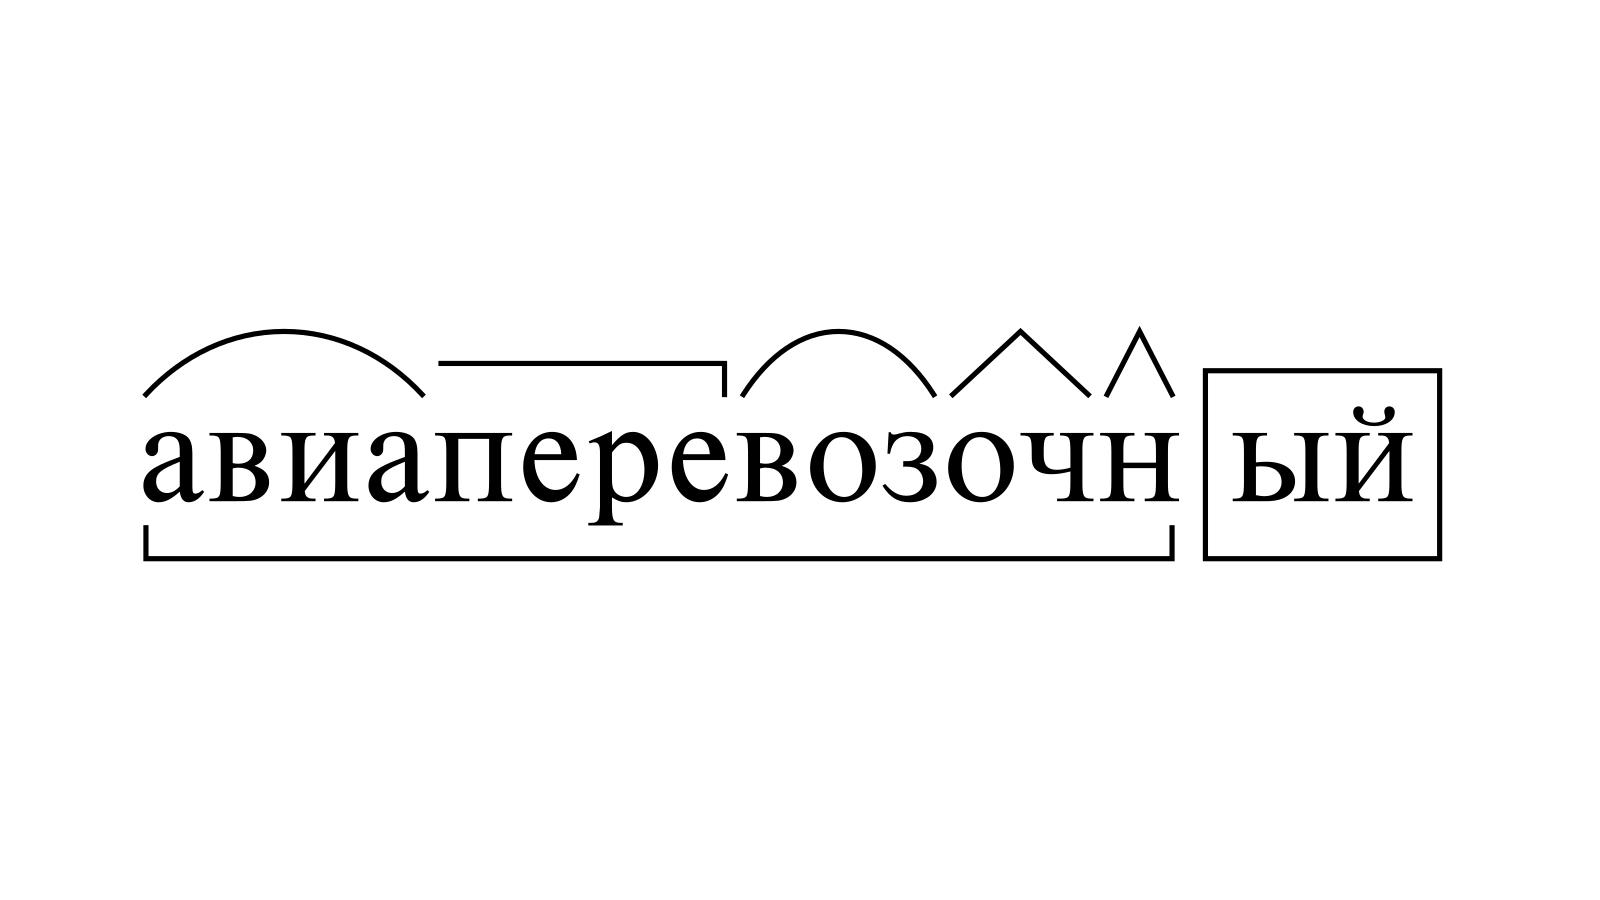 Разбор слова «авиаперевозочный» по составу